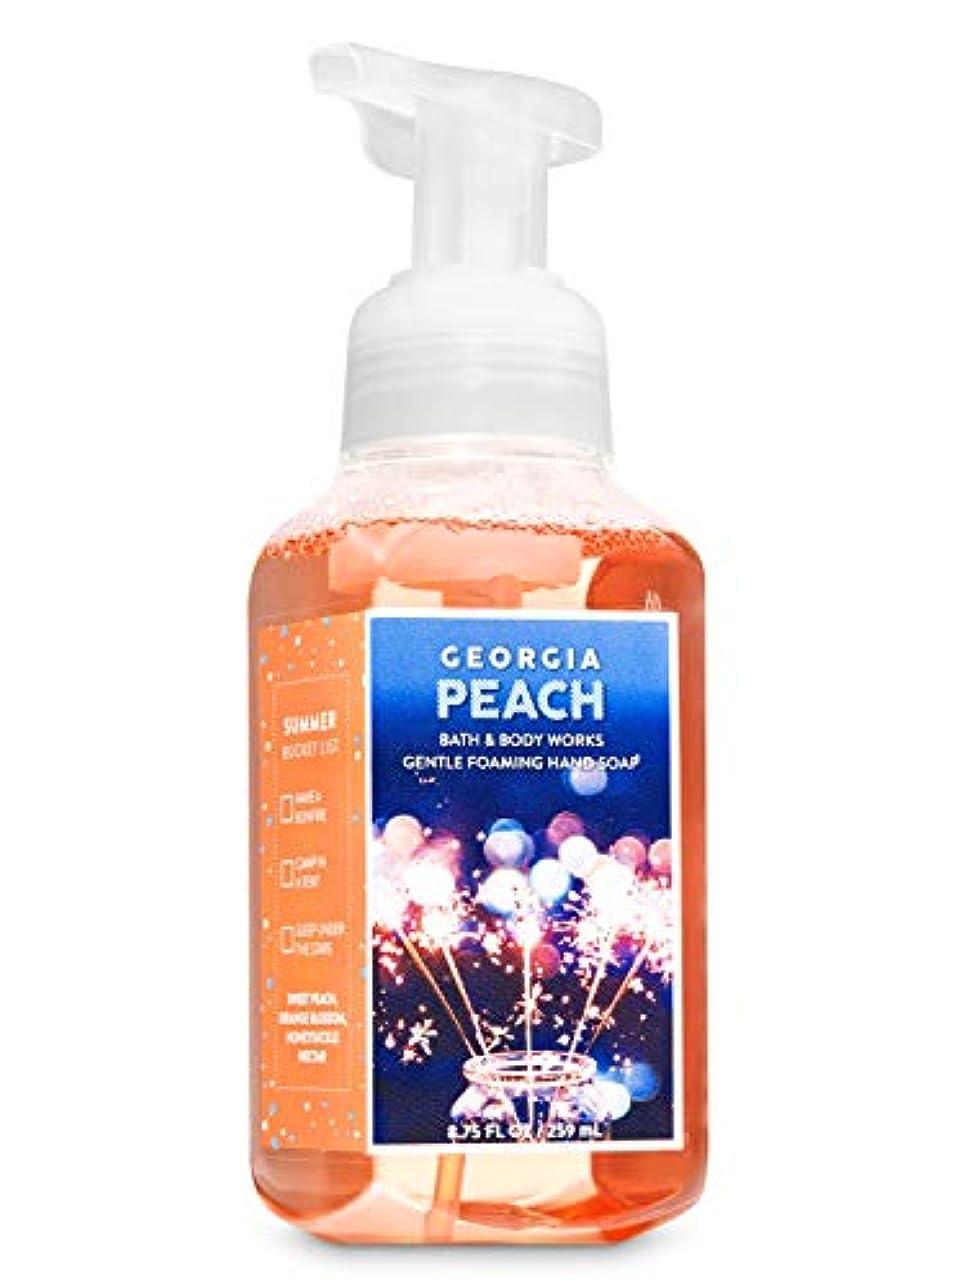 コンピューター文許可するバス&ボディワークス ジョージアピーチ ジェントル フォーミング ハンドソープ Georgia Peach Gentle Foaming Hand Soap